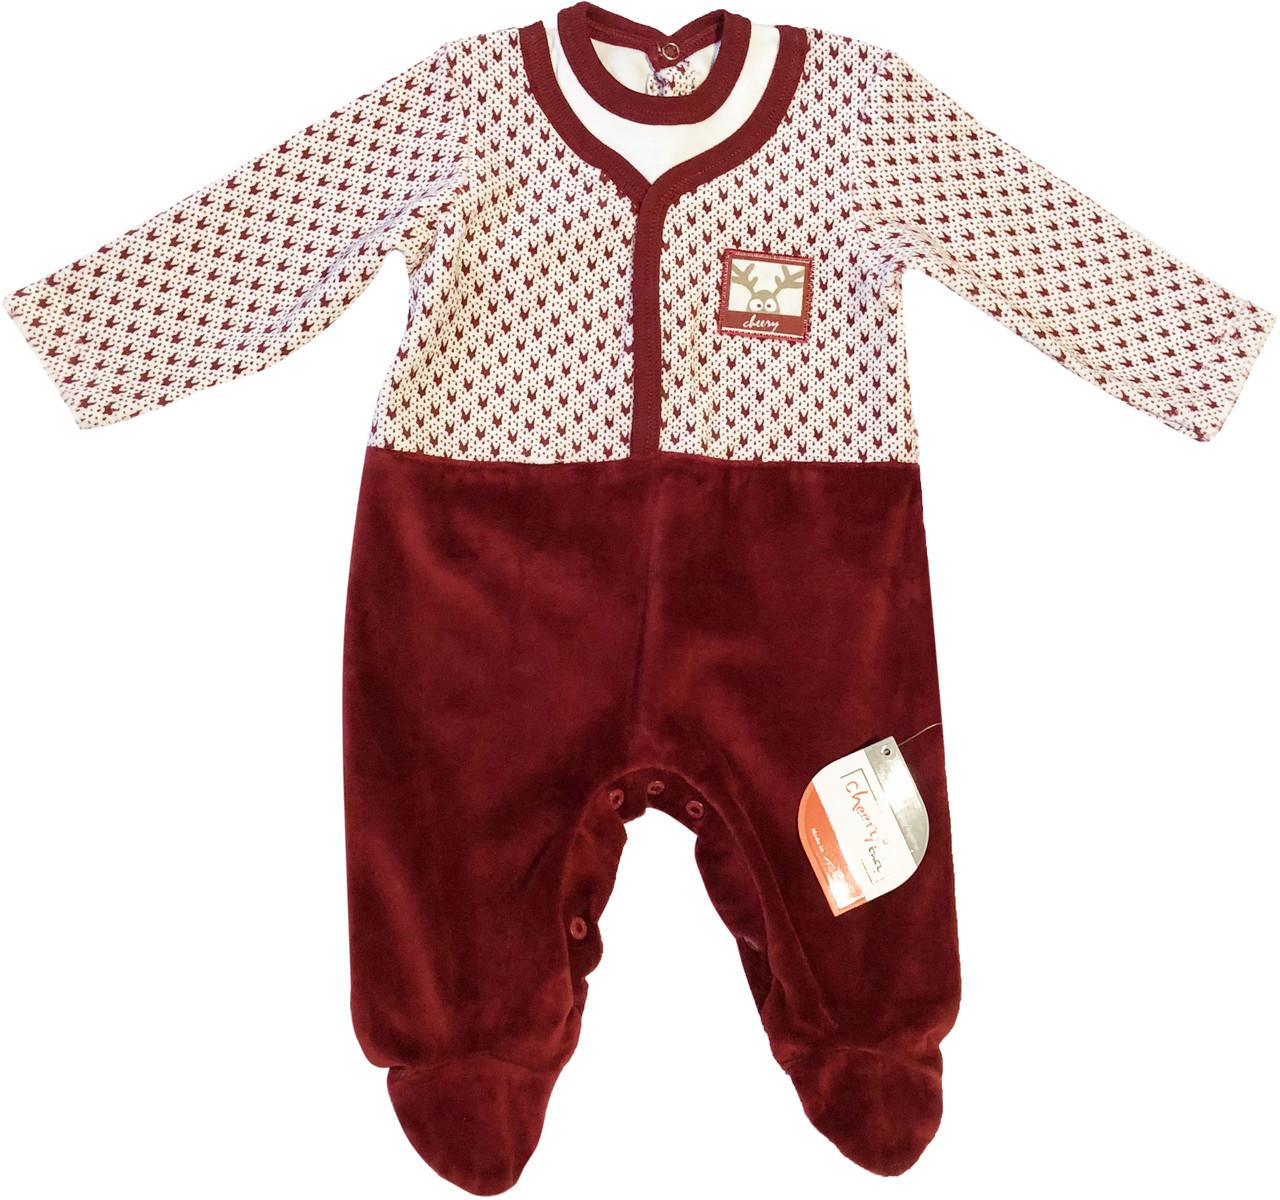 Детский человечек рост 62 2-3 мес велюровый бордовый на девочку слип для новорожденных малышей ТН102